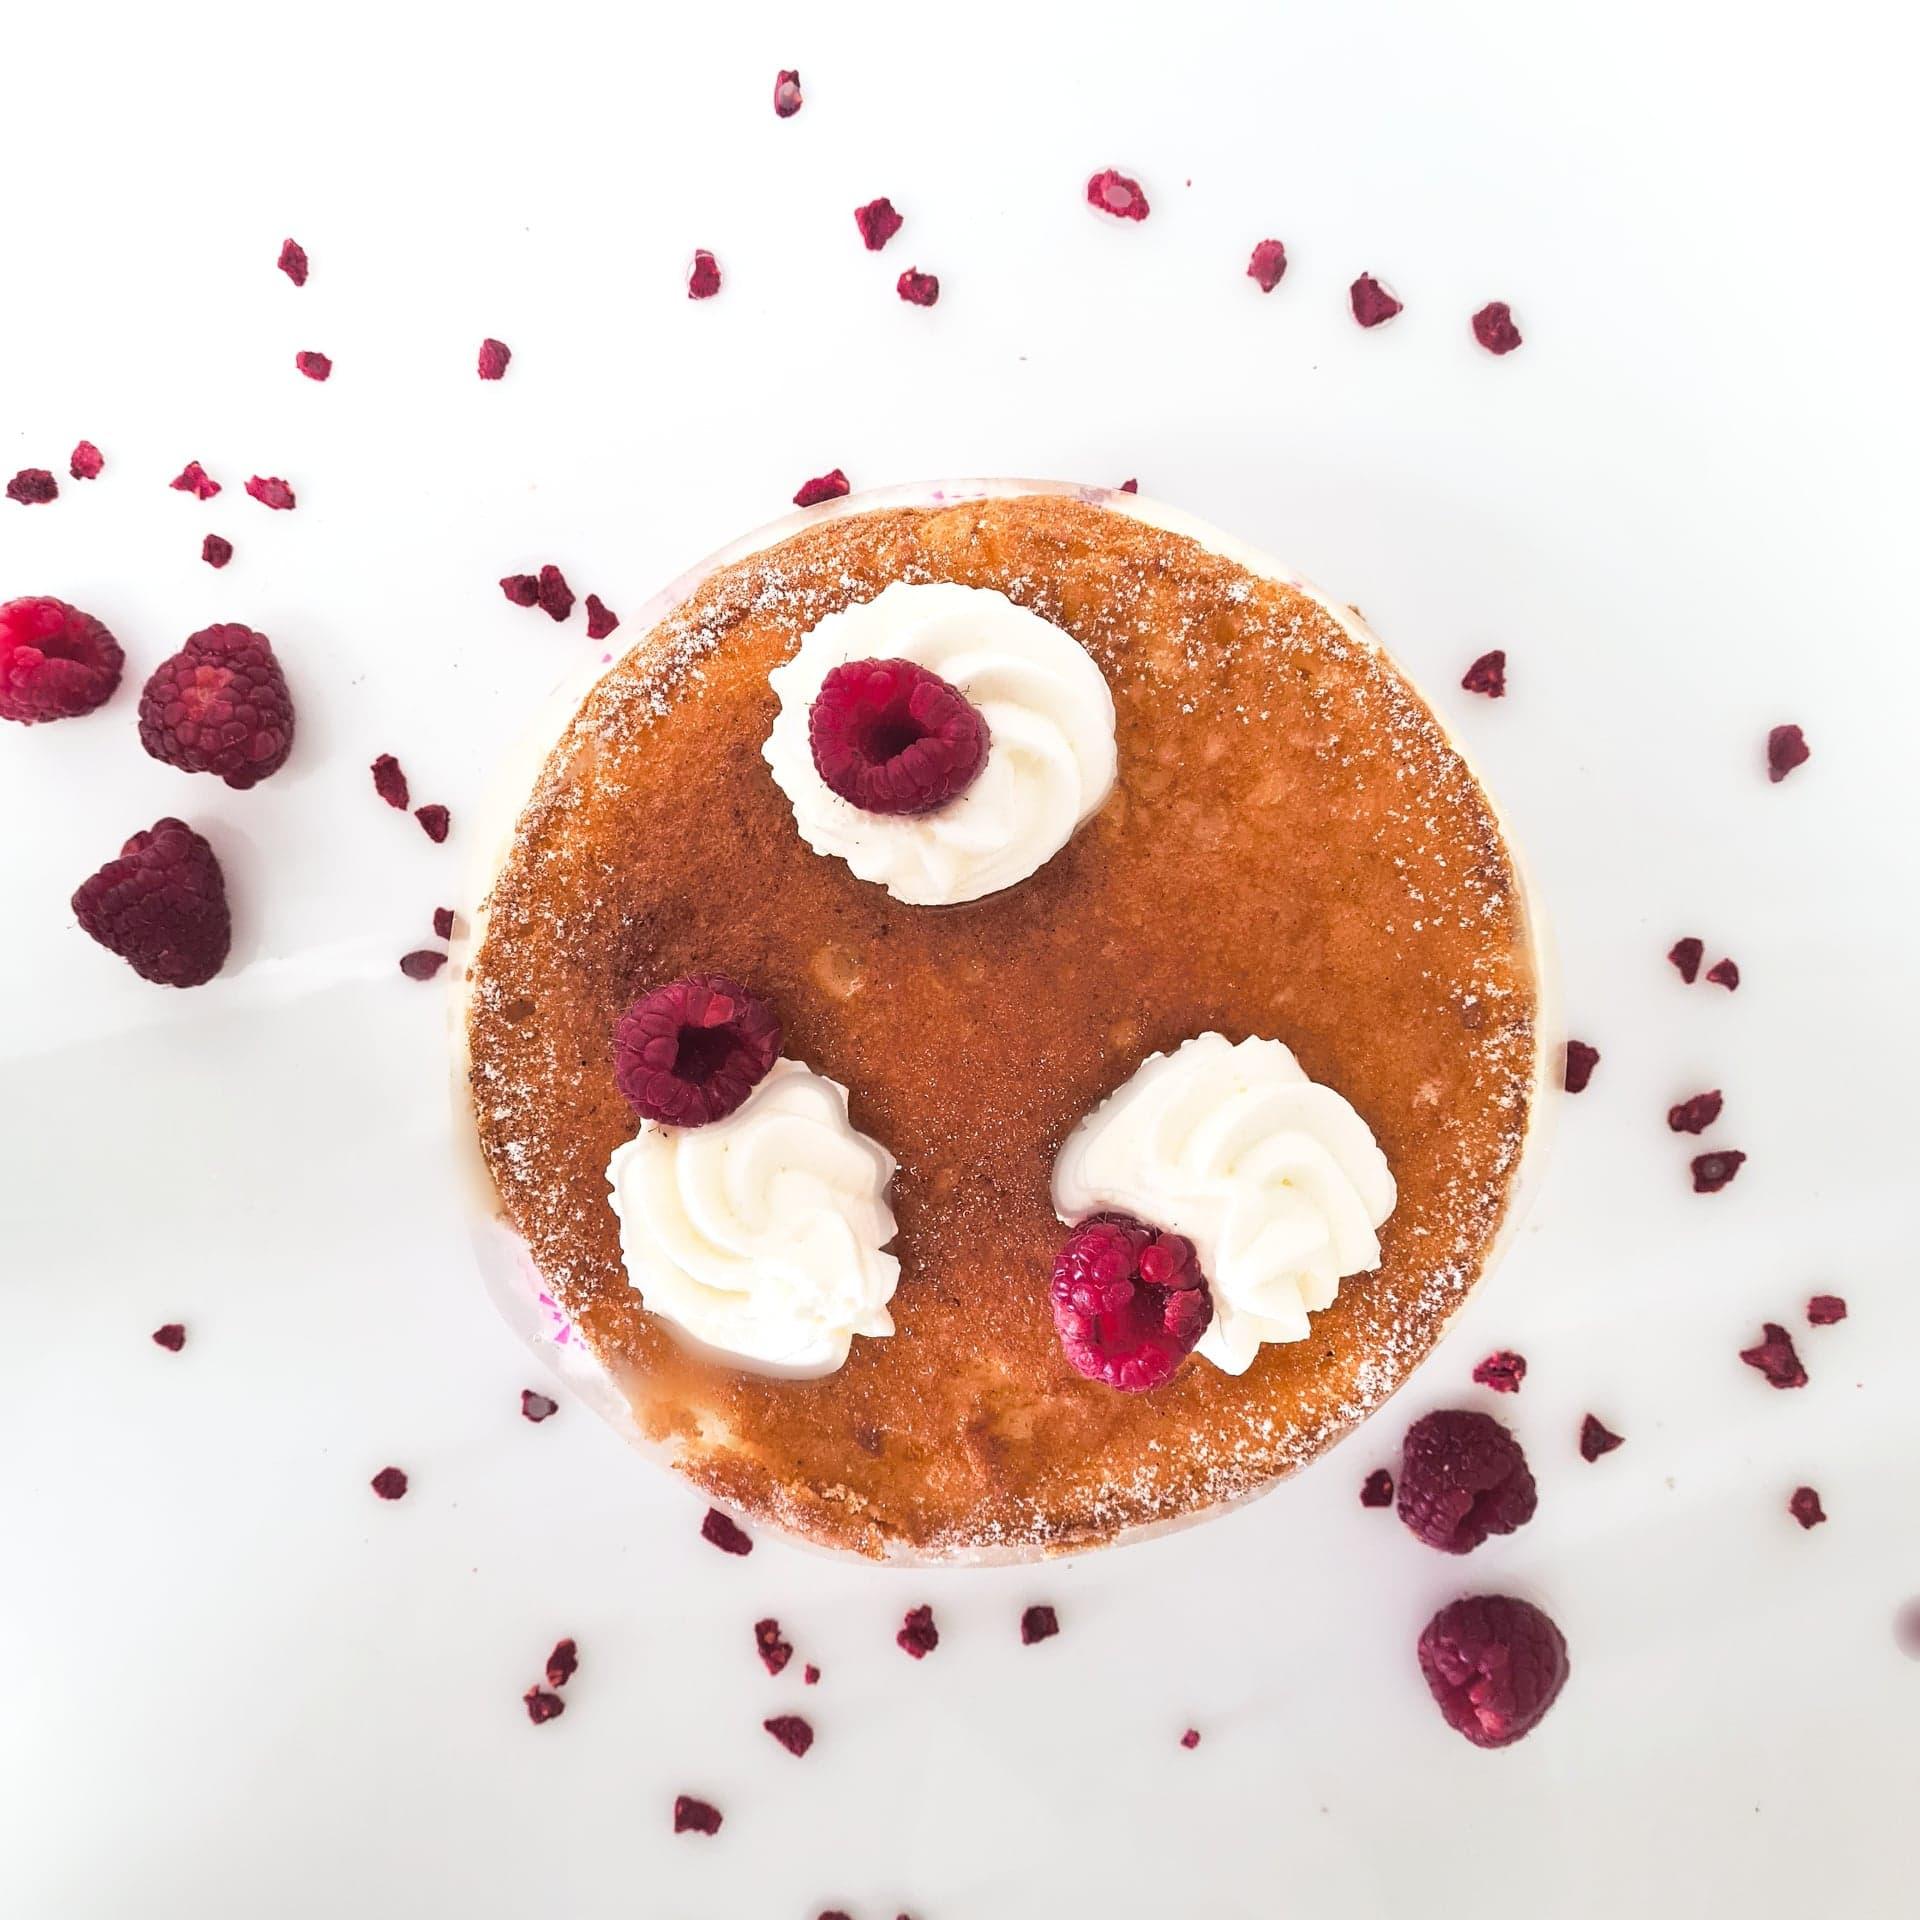 Génoise, crème légère à la vanille, fruits ( framboises ou framboises/myrtilles ), chantilly 4 pers. 18 € 6 pers. 27 € 8 pers. 36 € 10 pers. ou plus, nous contacter